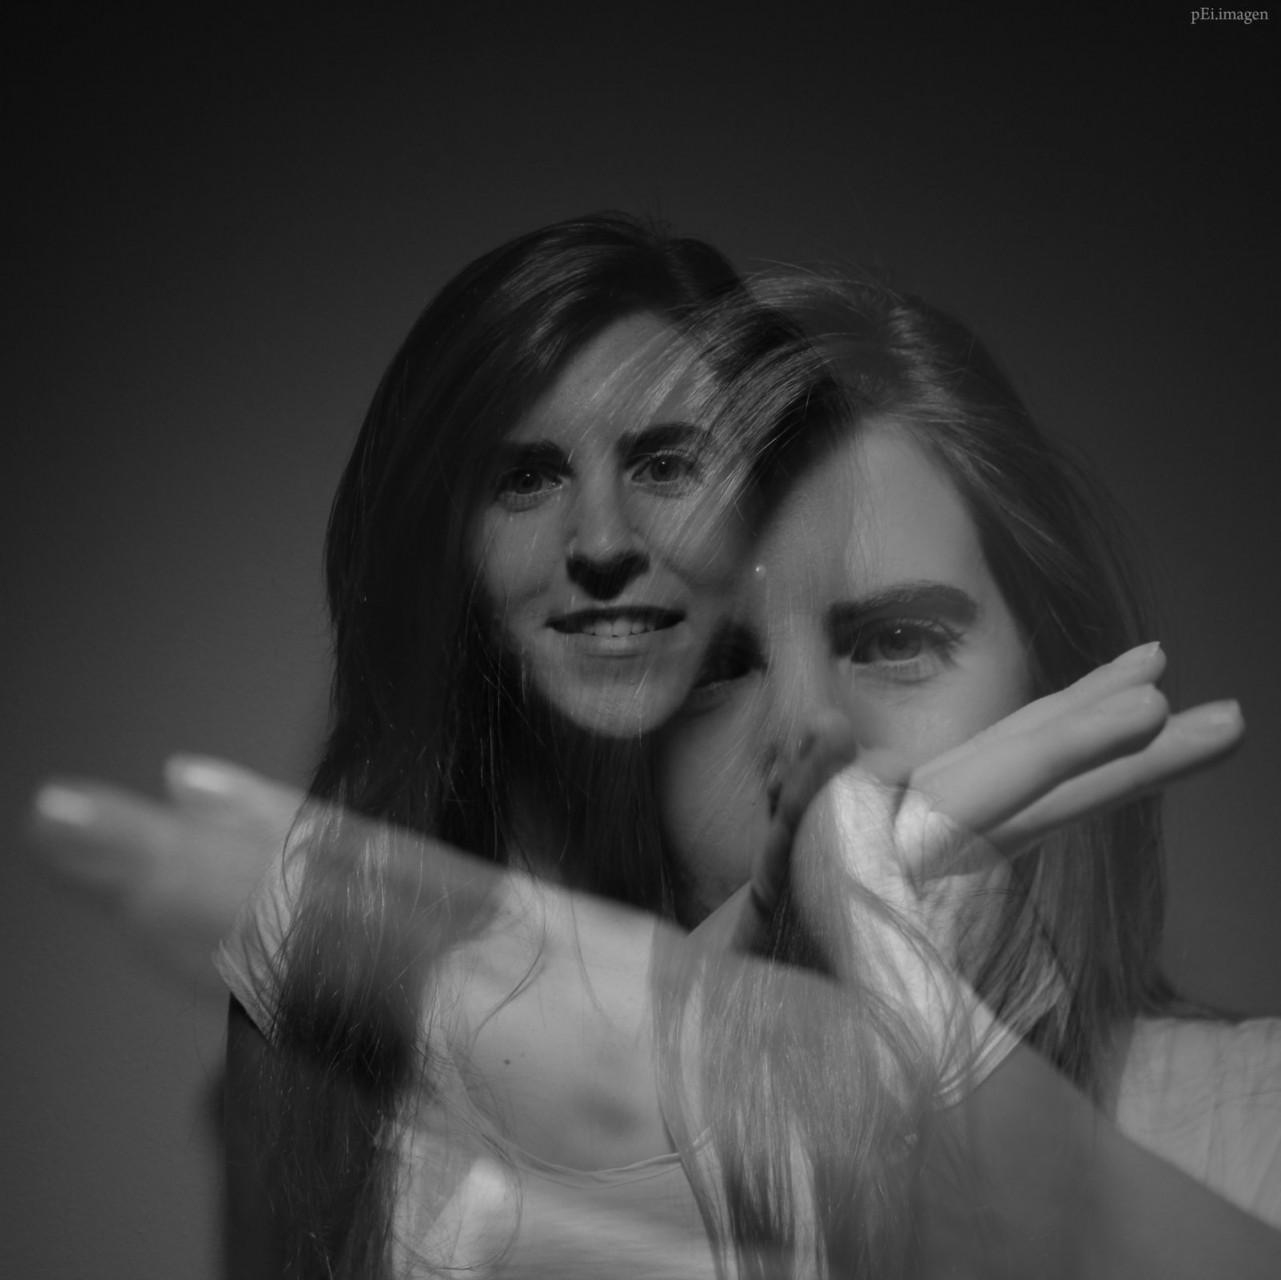 peipegata me myself I proyectos fotografia peipegatafotografia # 025 Clara Maria Fernandez Ardua